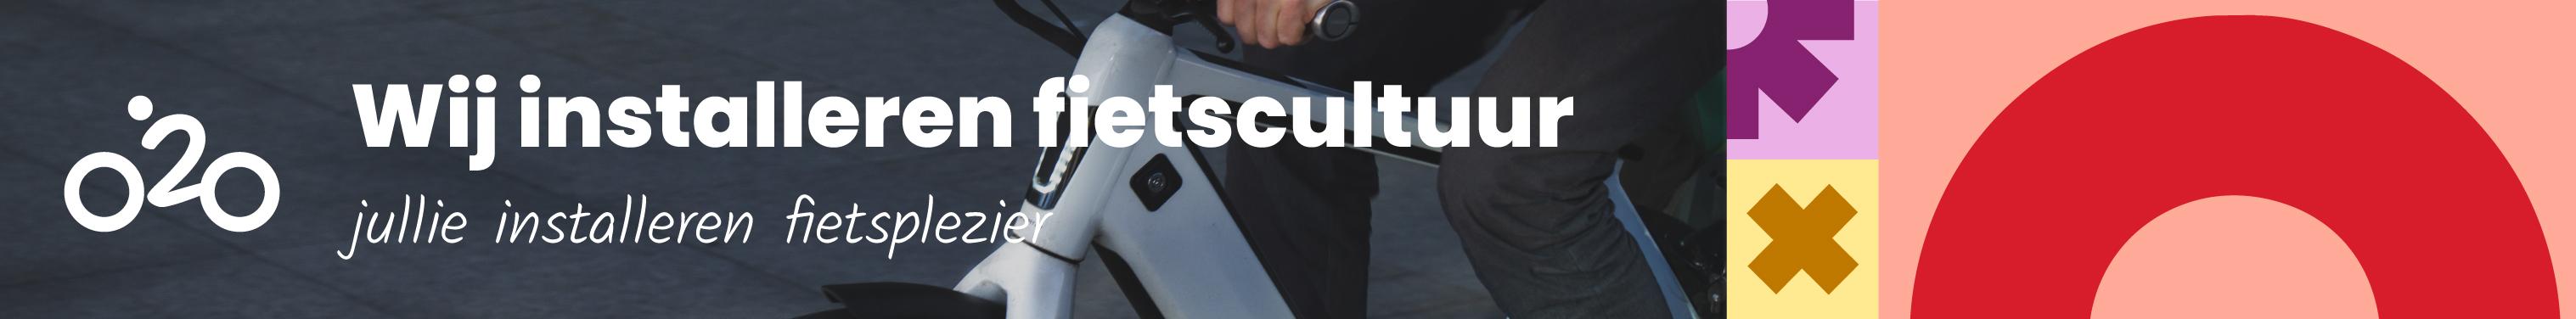 Hoe deze twee broers bij zoveel mogelijk bedrijven een echte fietscultuur willen installeren